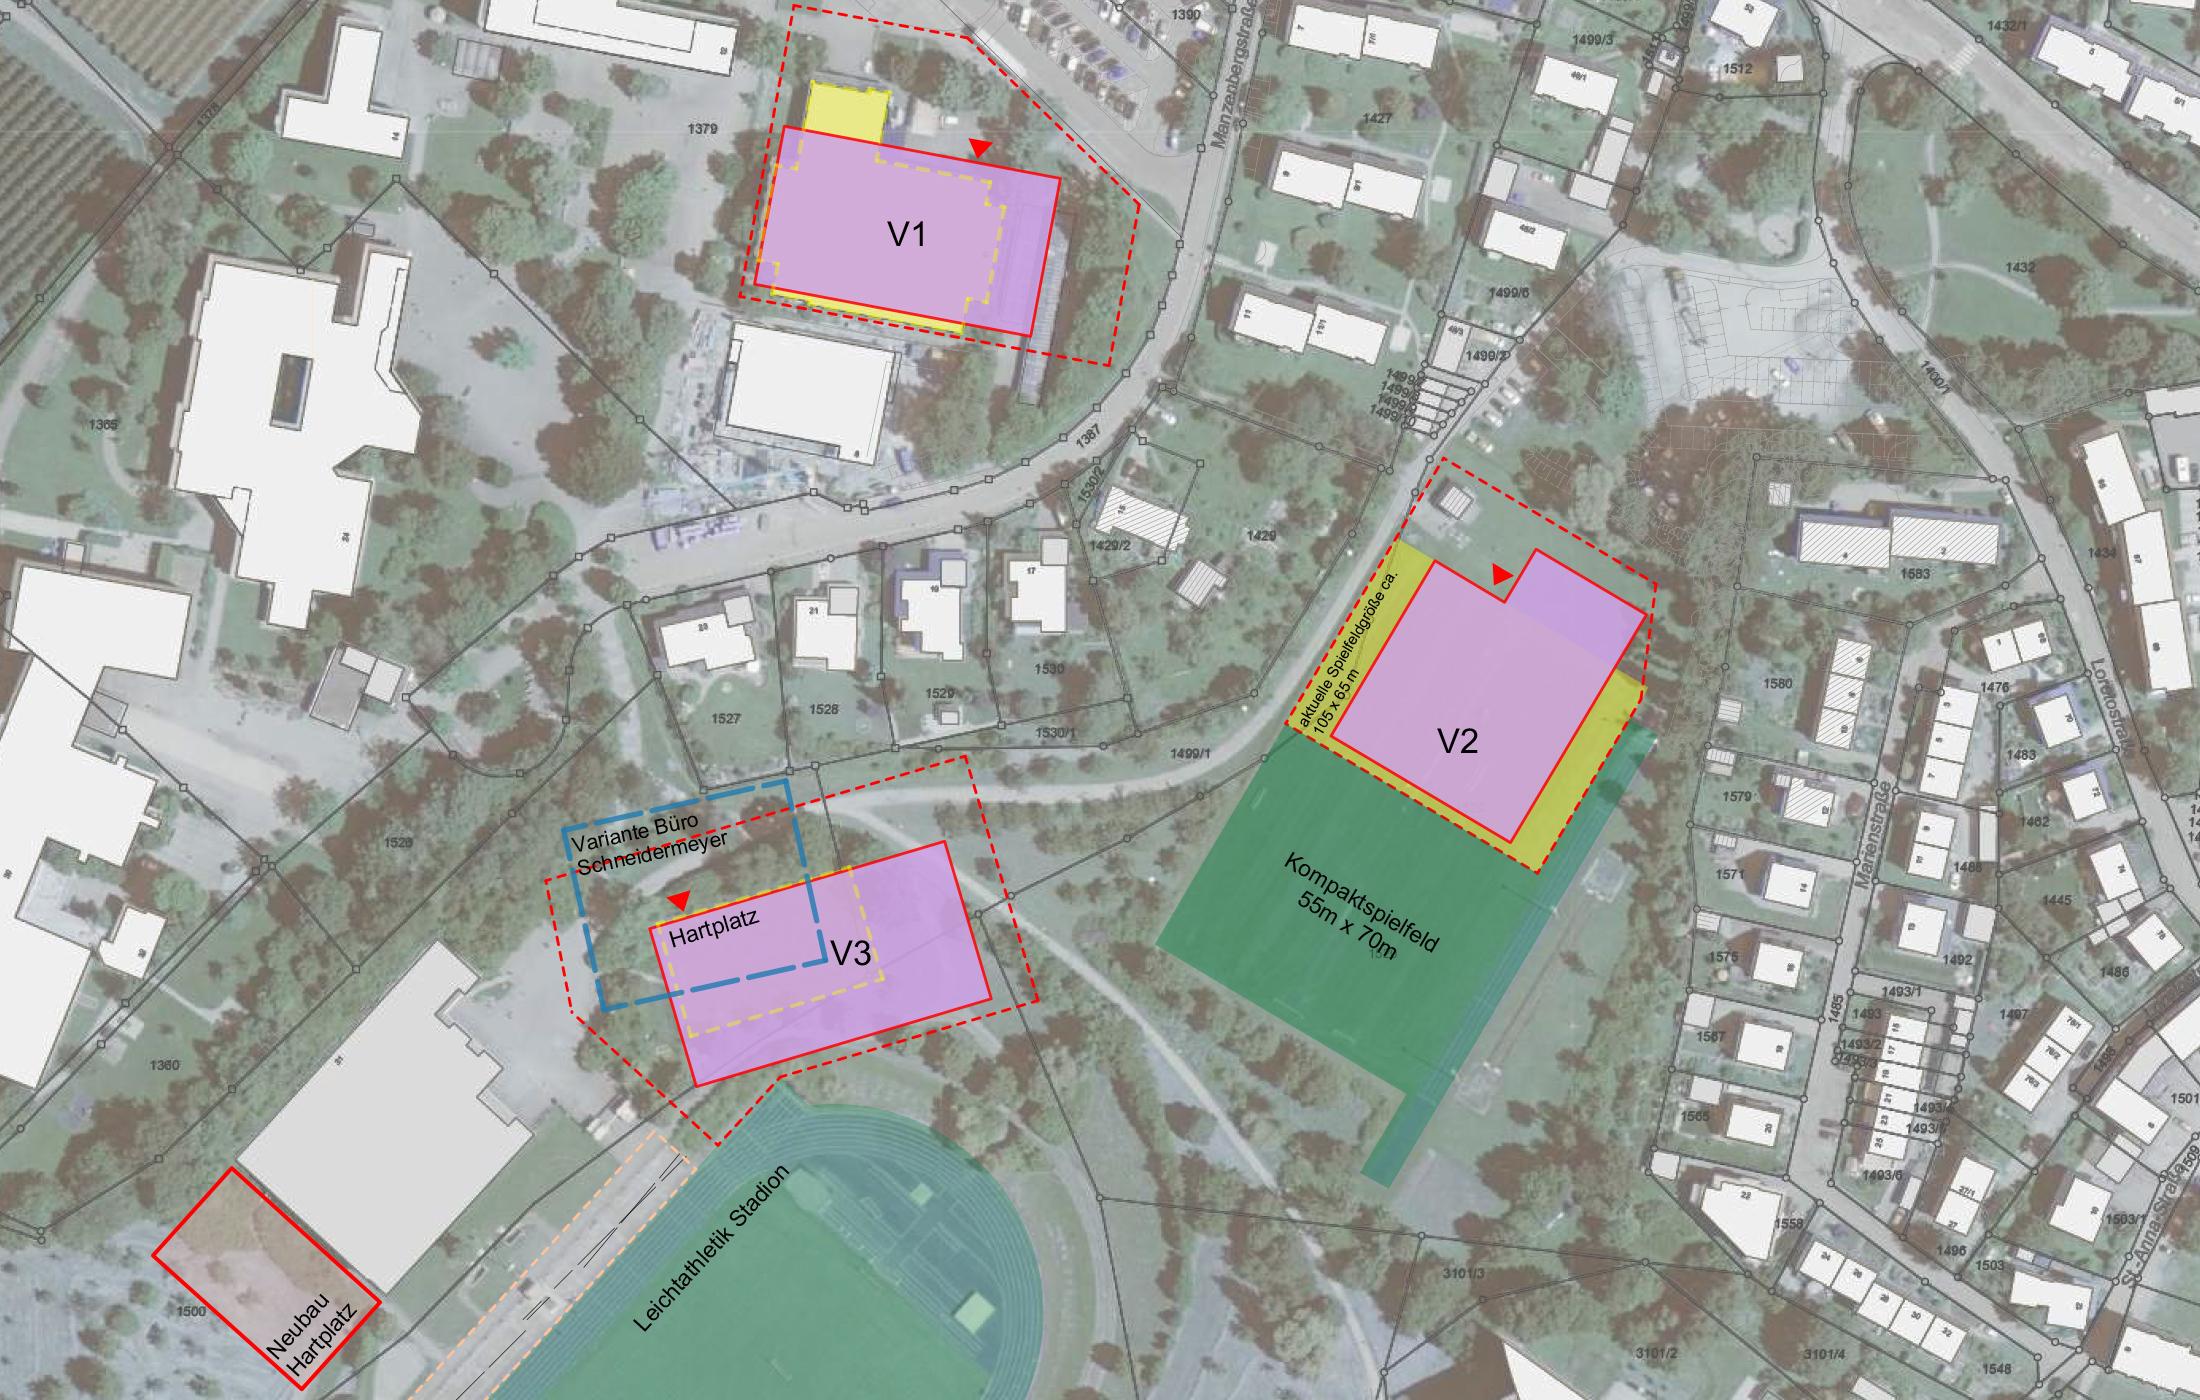 2020, Konzeptionelle Gesamtuntersuchung für die Sport- und Mehrzweckhallen der Stadt Tettnang, Tettnang